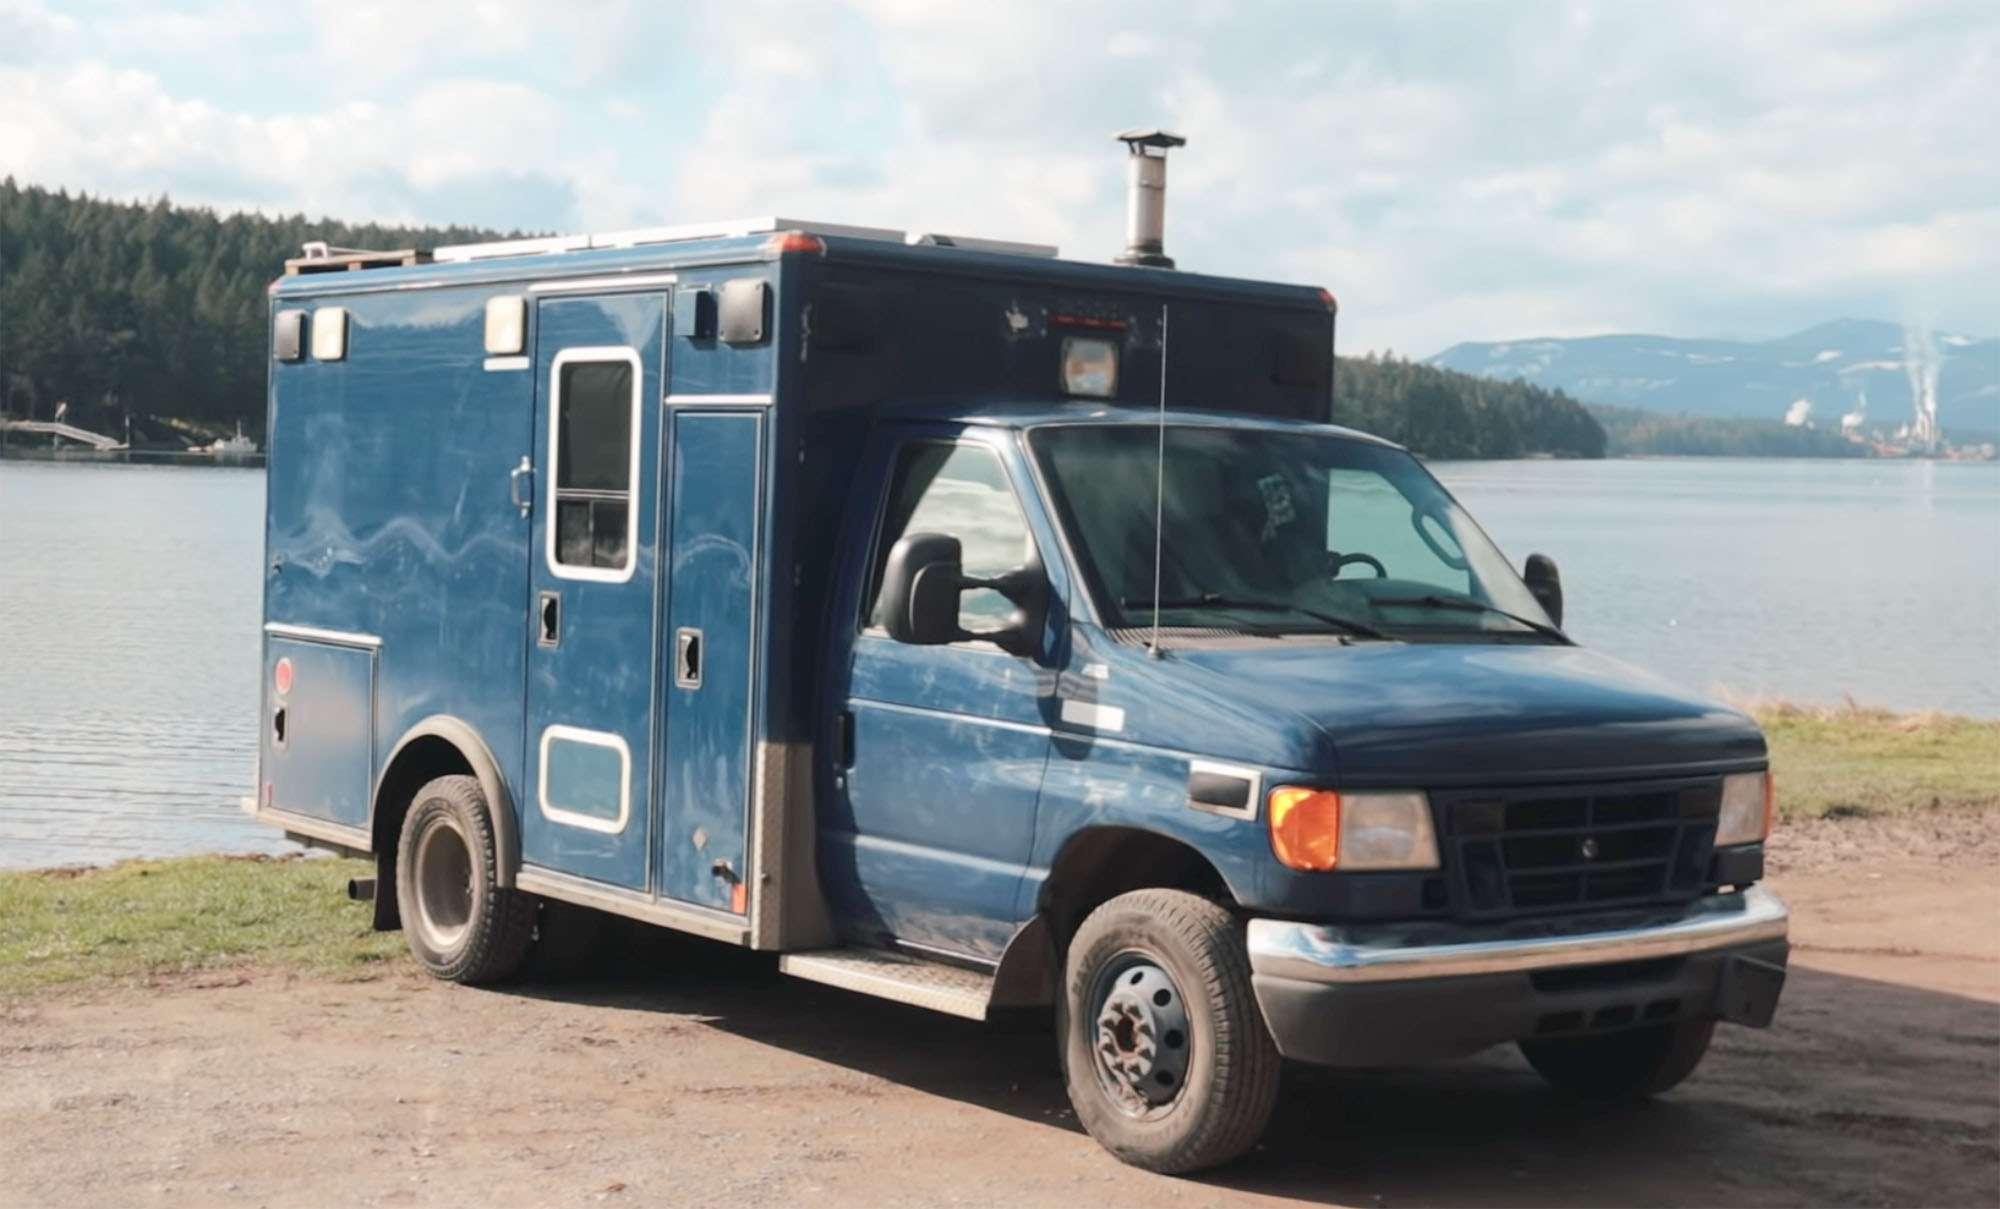 ambulance conversion Amanda Lemay exterior